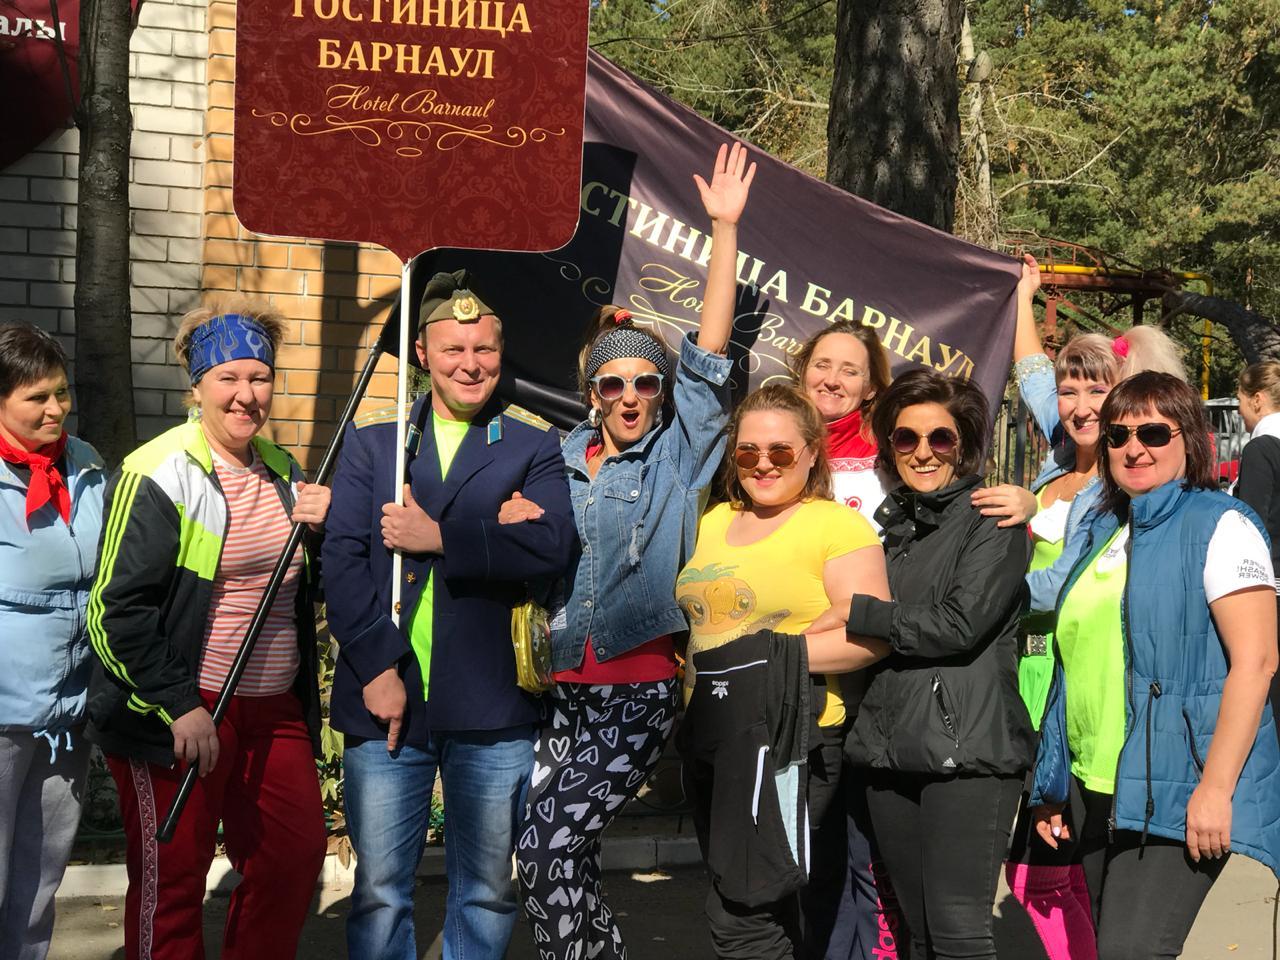 Поздравляем коллектив гостиницы «Барнаул»